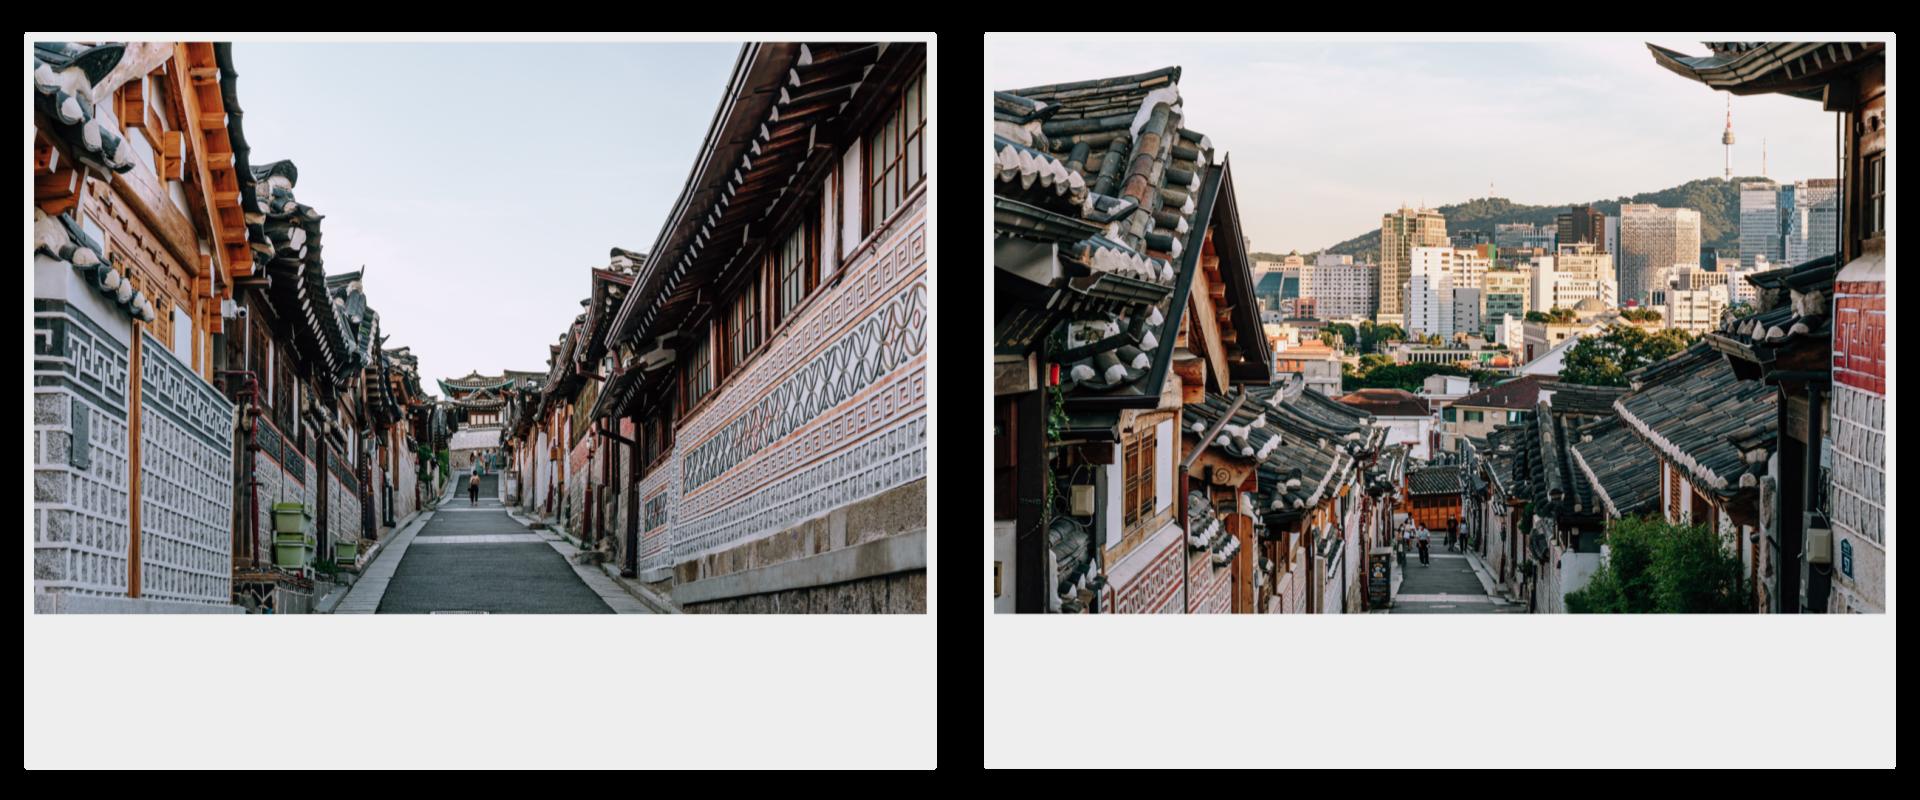 两张立拍得。左为从底处仰望的北村韩屋村小巷,右为从高处俯瞰的北村韩屋村小巷。